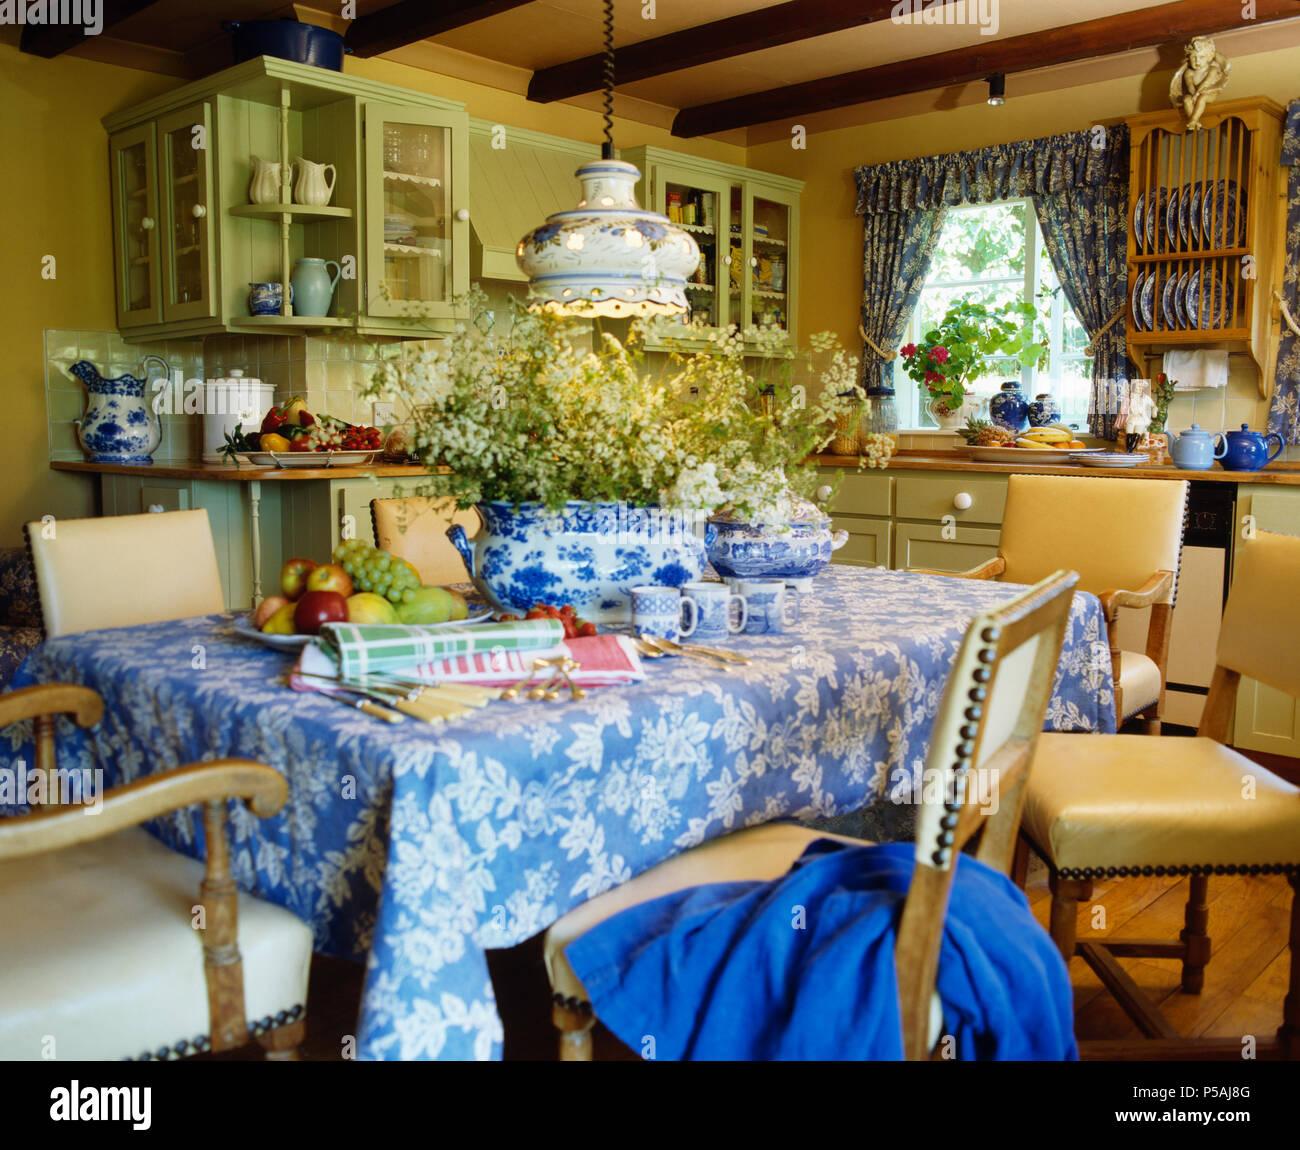 Soft Furnishing Uk Stockfotos & Soft Furnishing Uk Bilder - Alamy